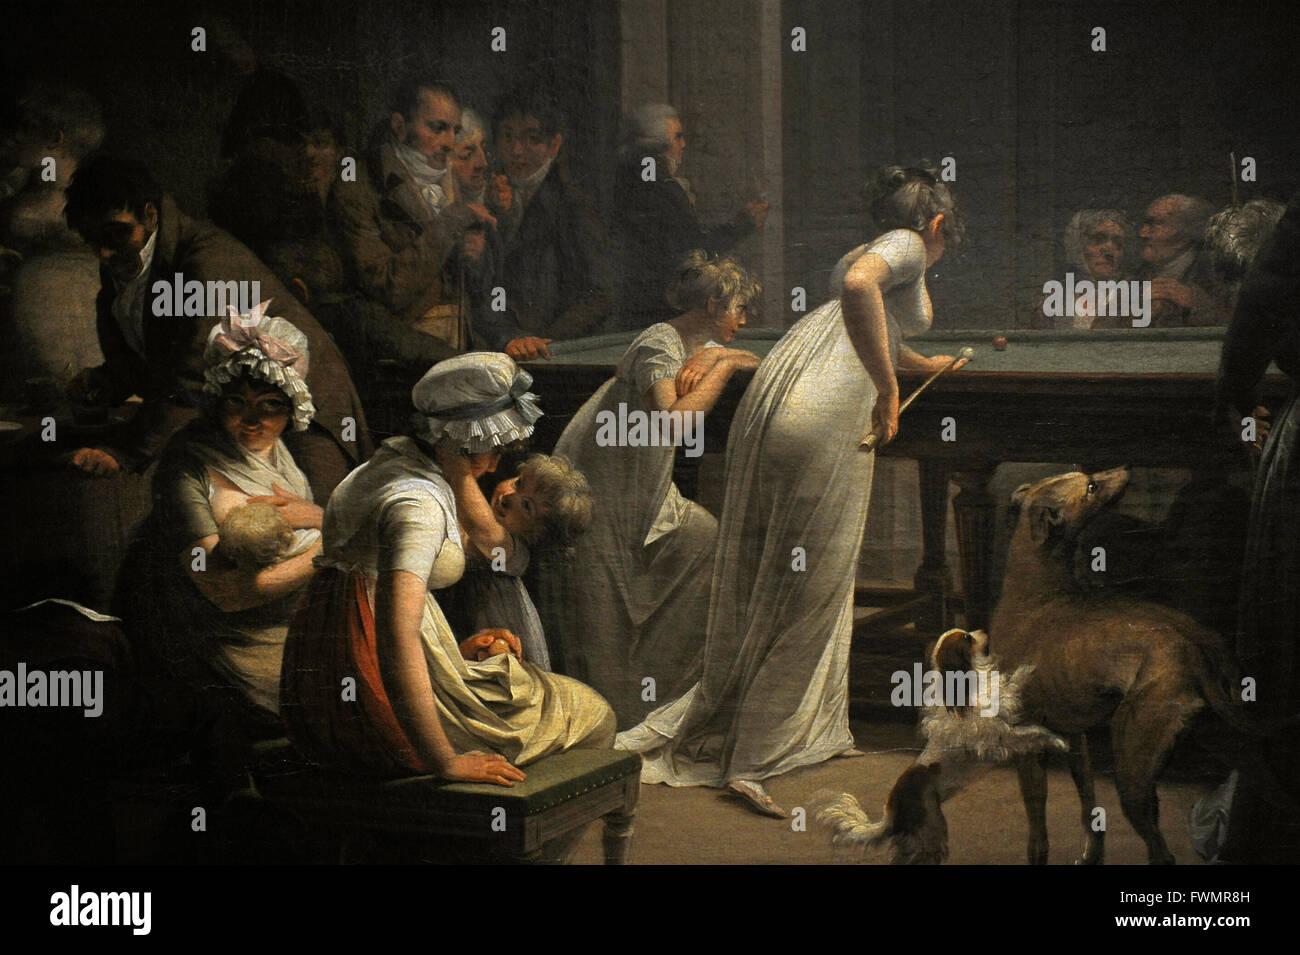 Louis Leopold Boilly (1761-1845). El pintor francés. Juego de billar, 1807. Detalle. Óleo sobre lienzo. El Museo Foto de stock